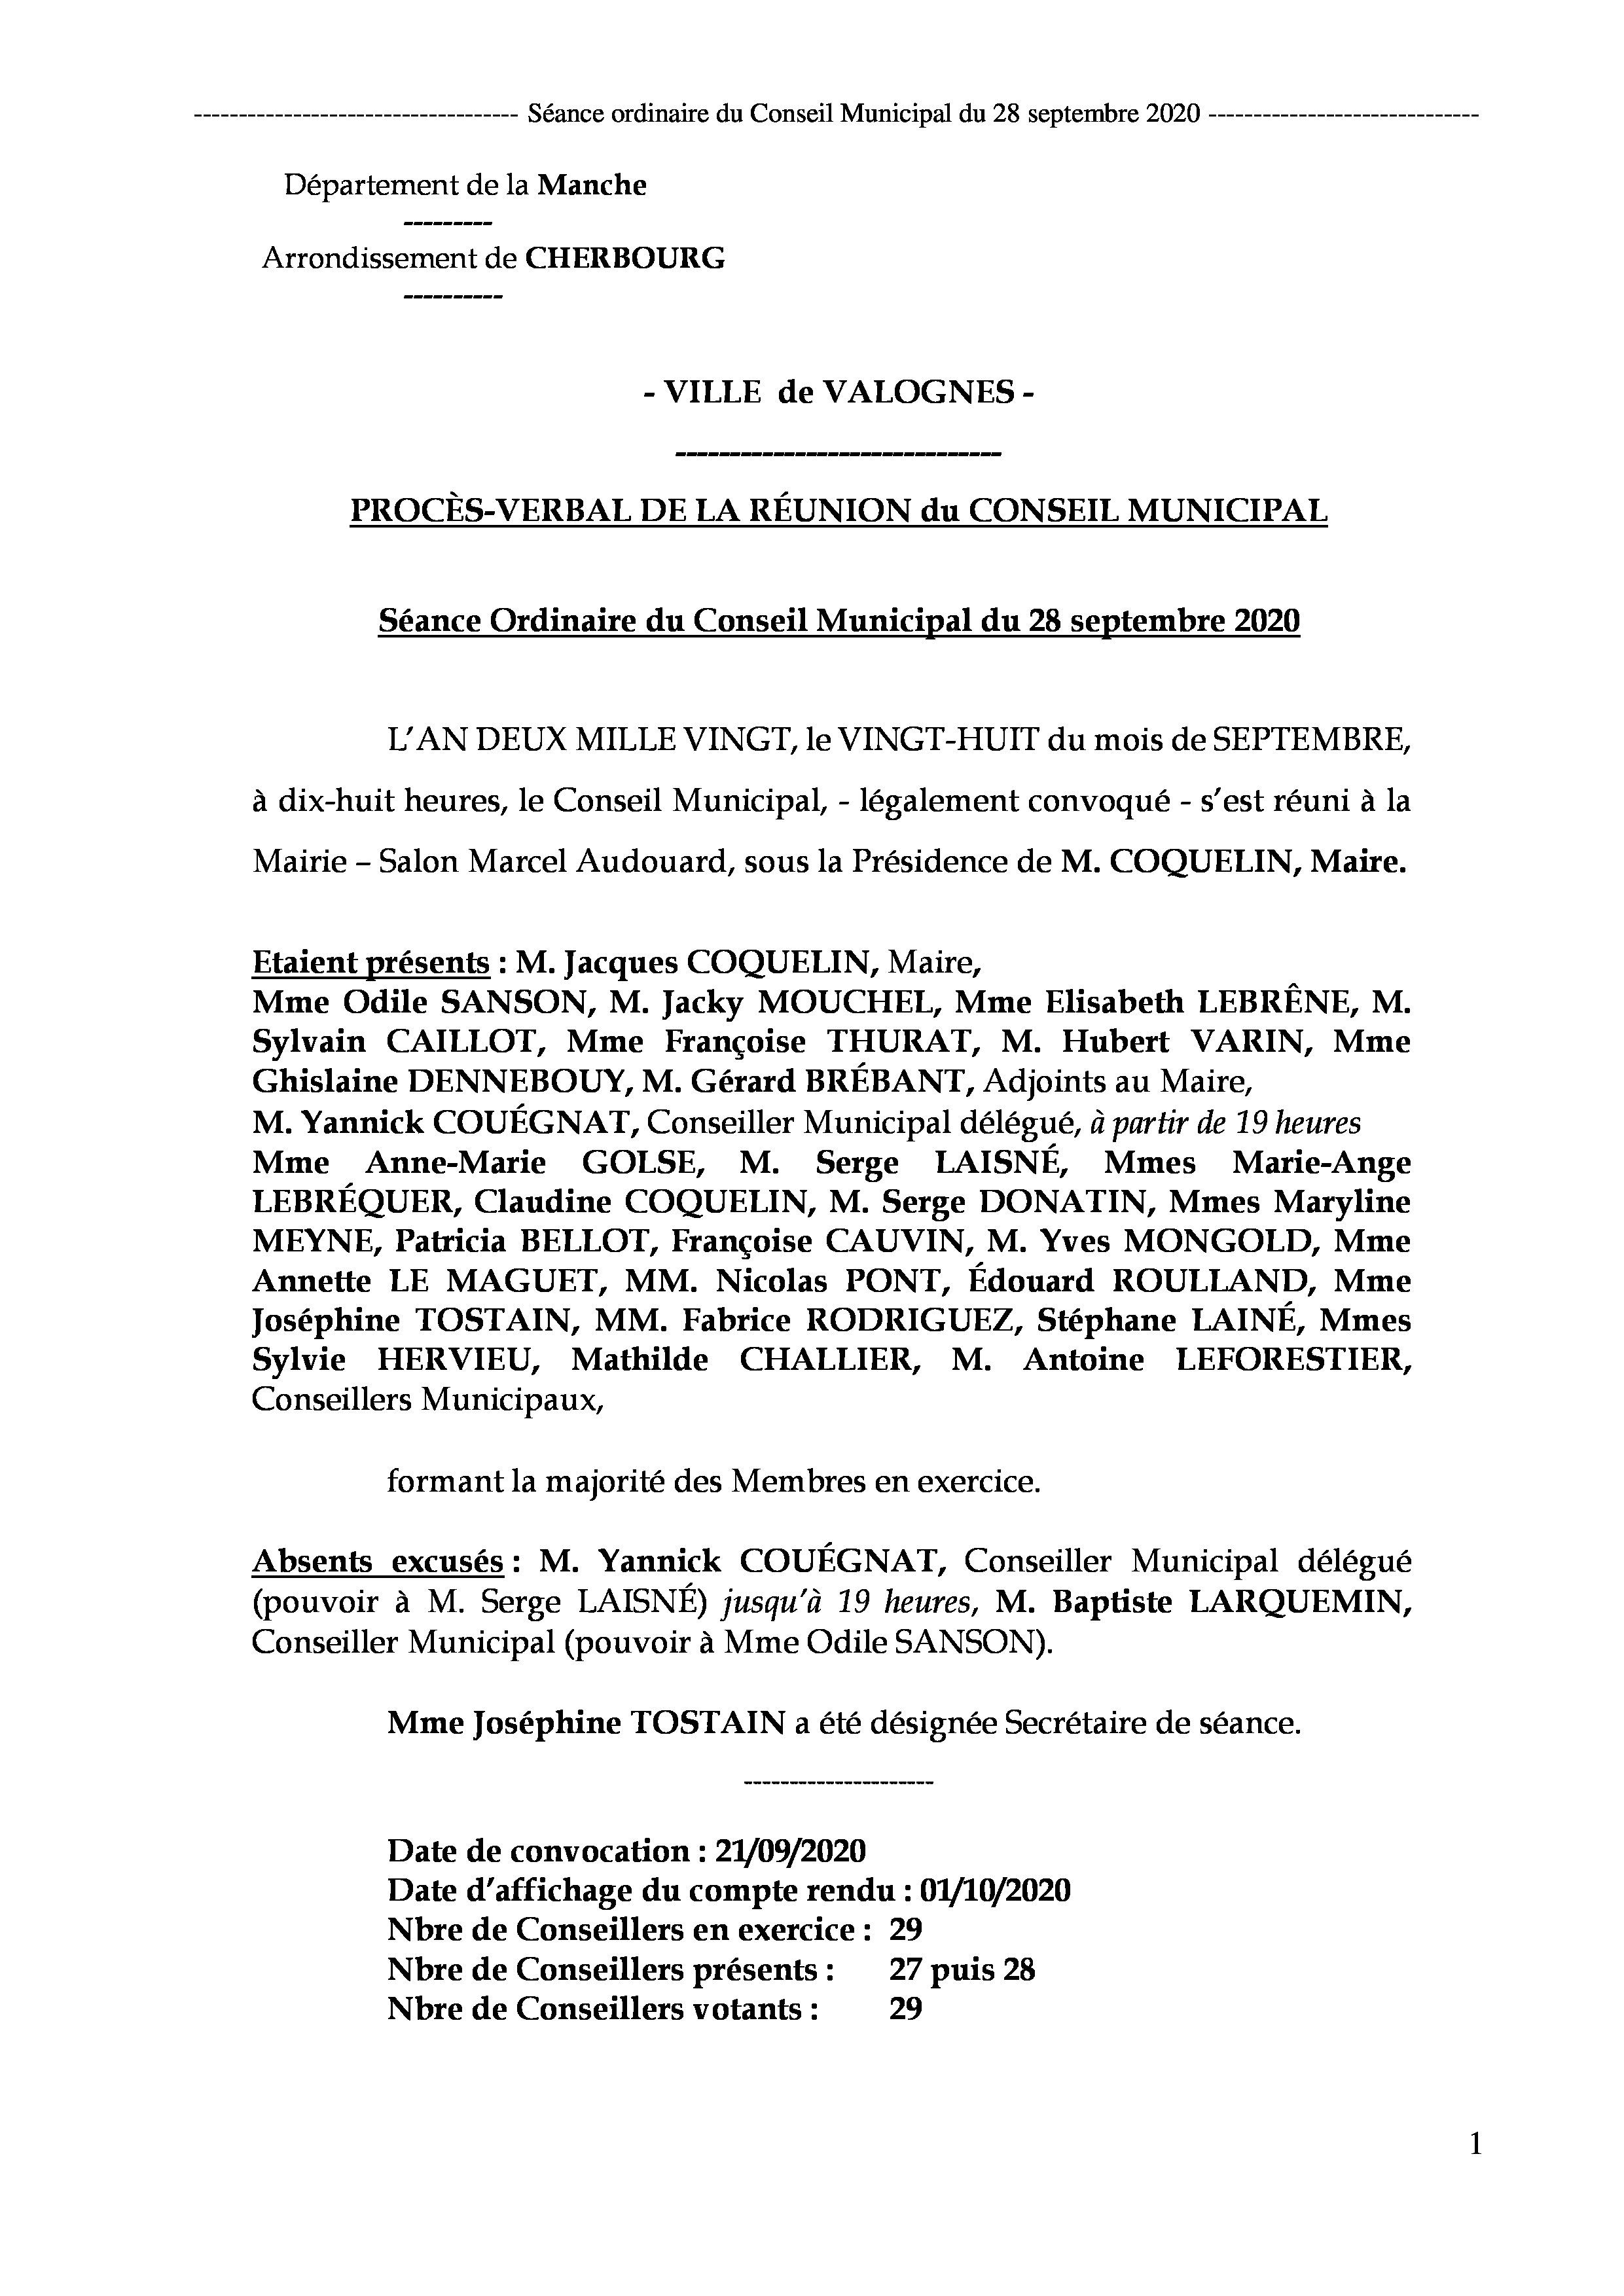 Procès-verbal CM 28 09 20 - Procès-verbal de la réunion du Conseil Municipal du 28 septembre 2020, approuvé à l